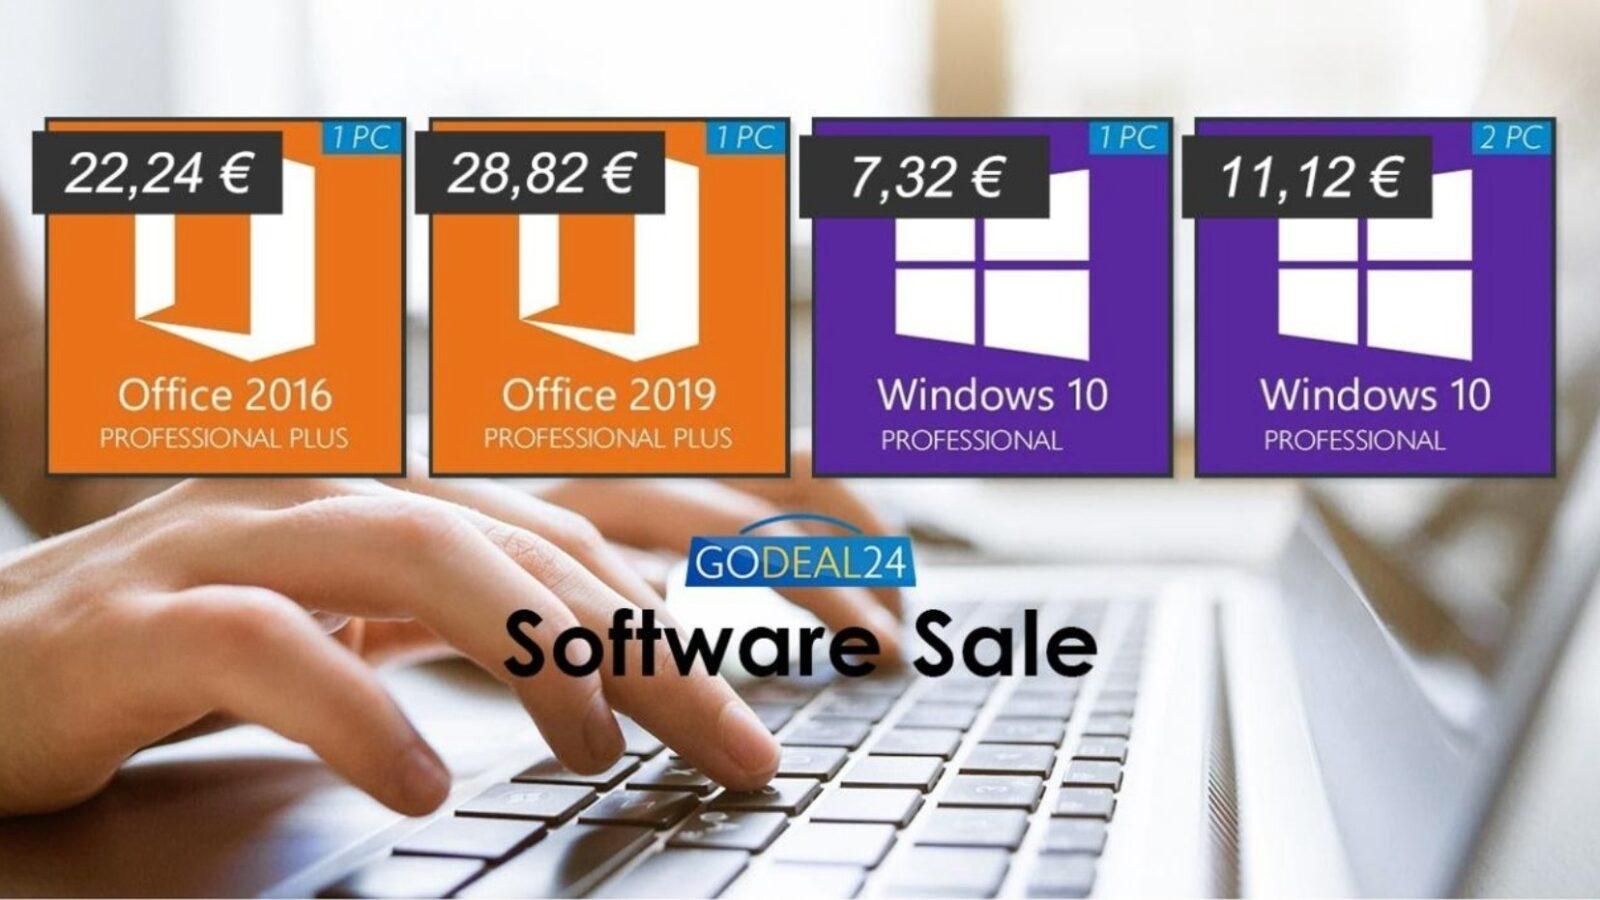 Solo 5 € licenza Microsoft Windows 10 a vita, Office a soli 22 €